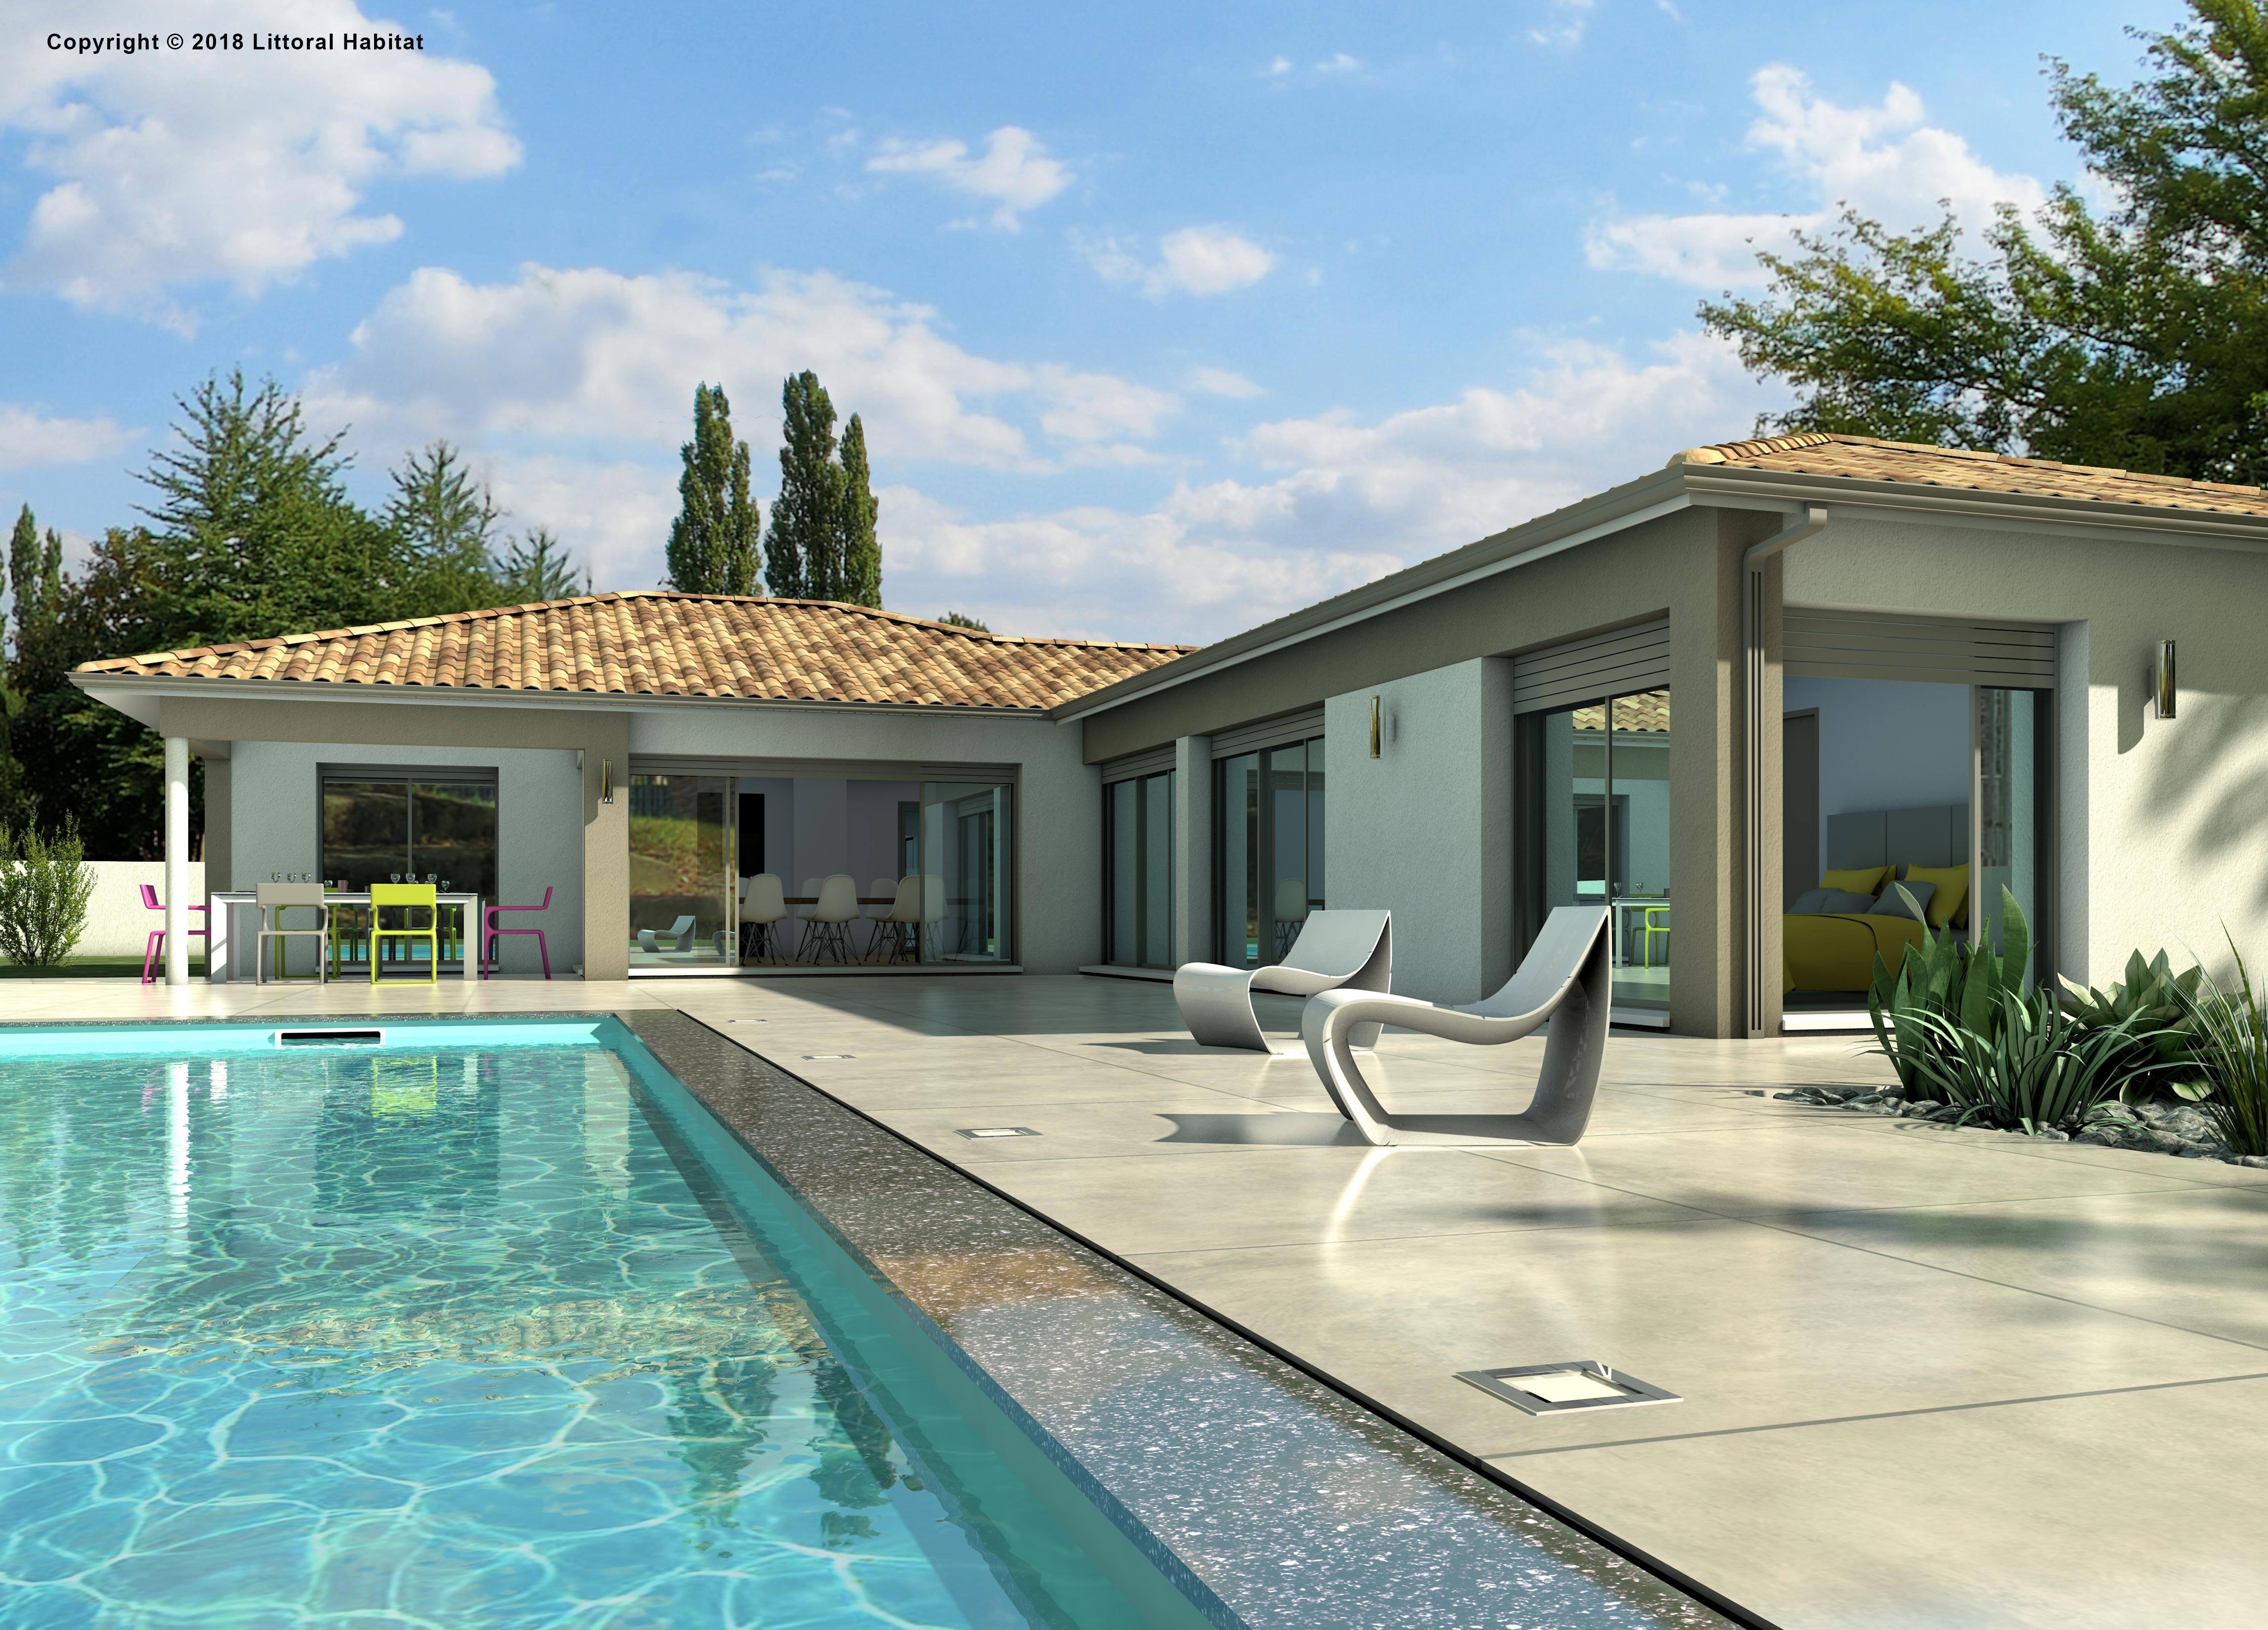 Maisons + Terrains du constructeur LITTORAL HABITAT DAX • 115 m² • HERM